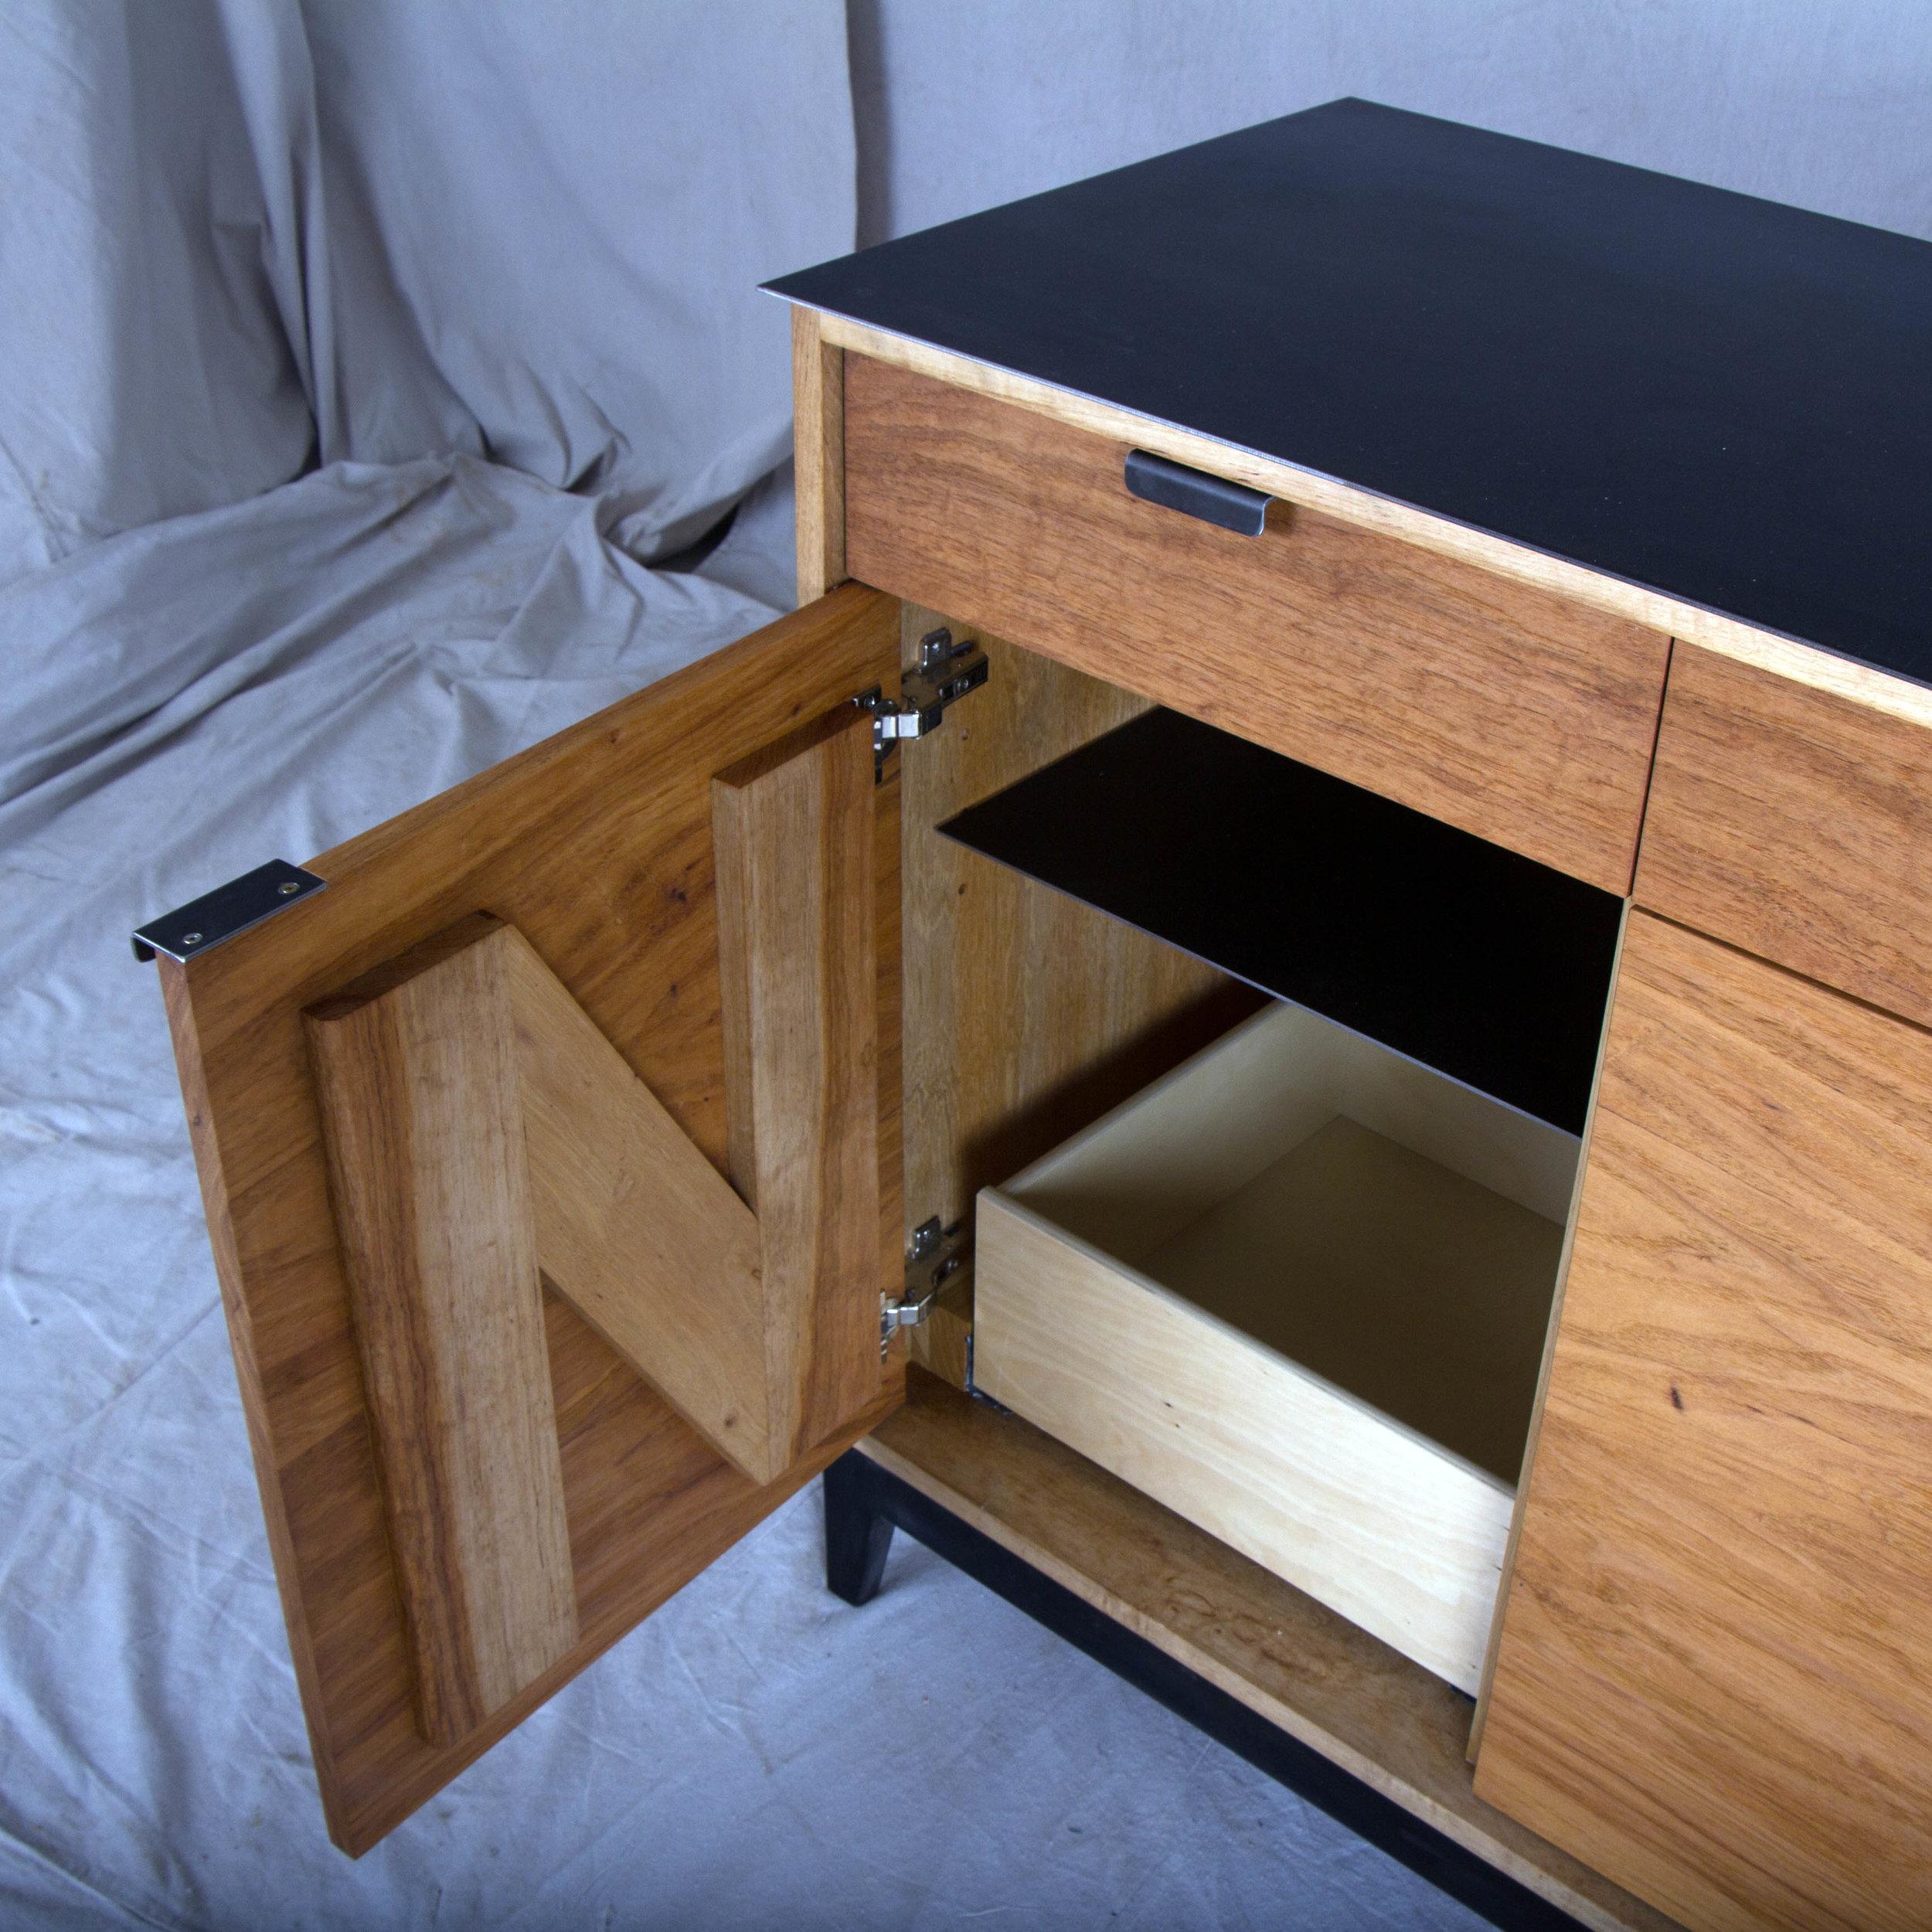 Pecan_Pullout_drawer-1.jpg